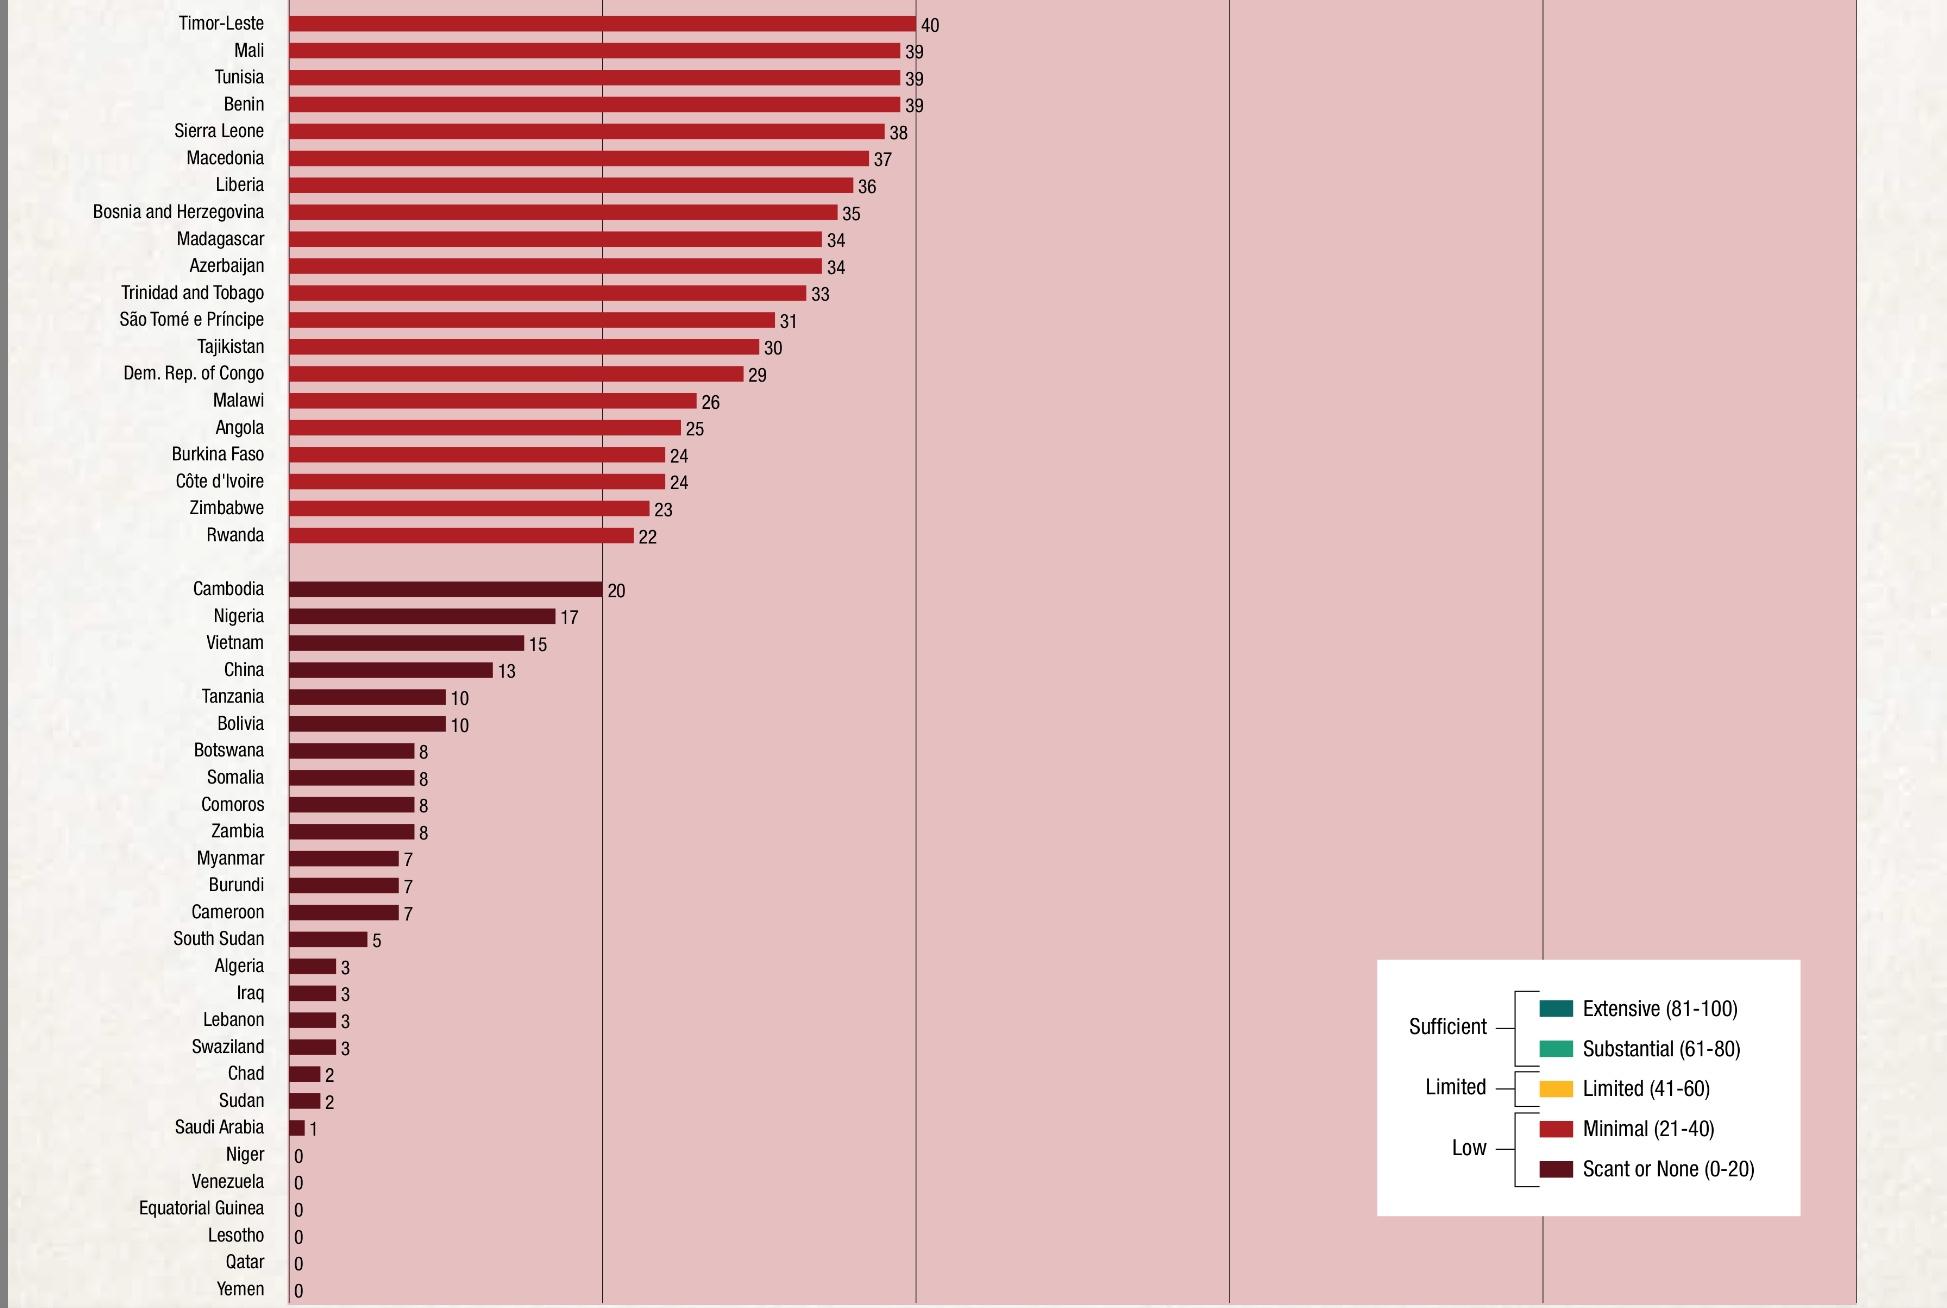 Мировой индекс прозрачности бюджетов - red